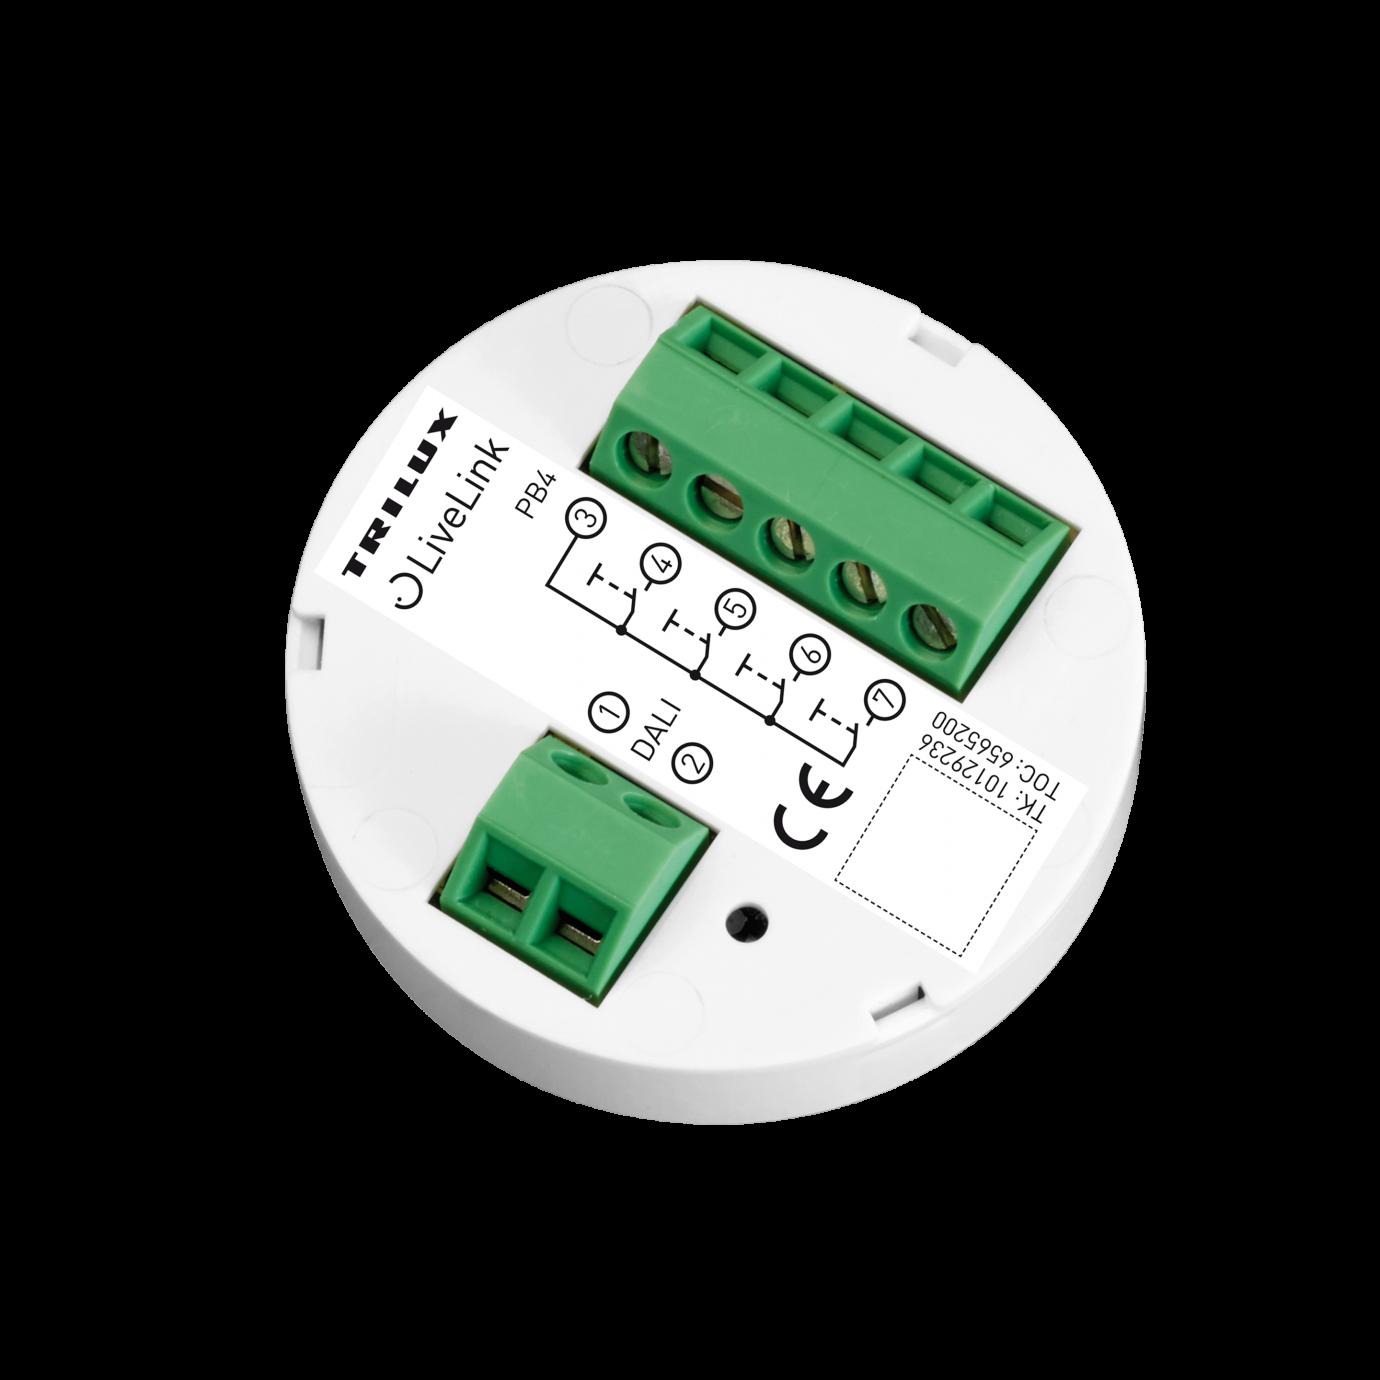 Переключатель (каплер) на 4 линии DALI